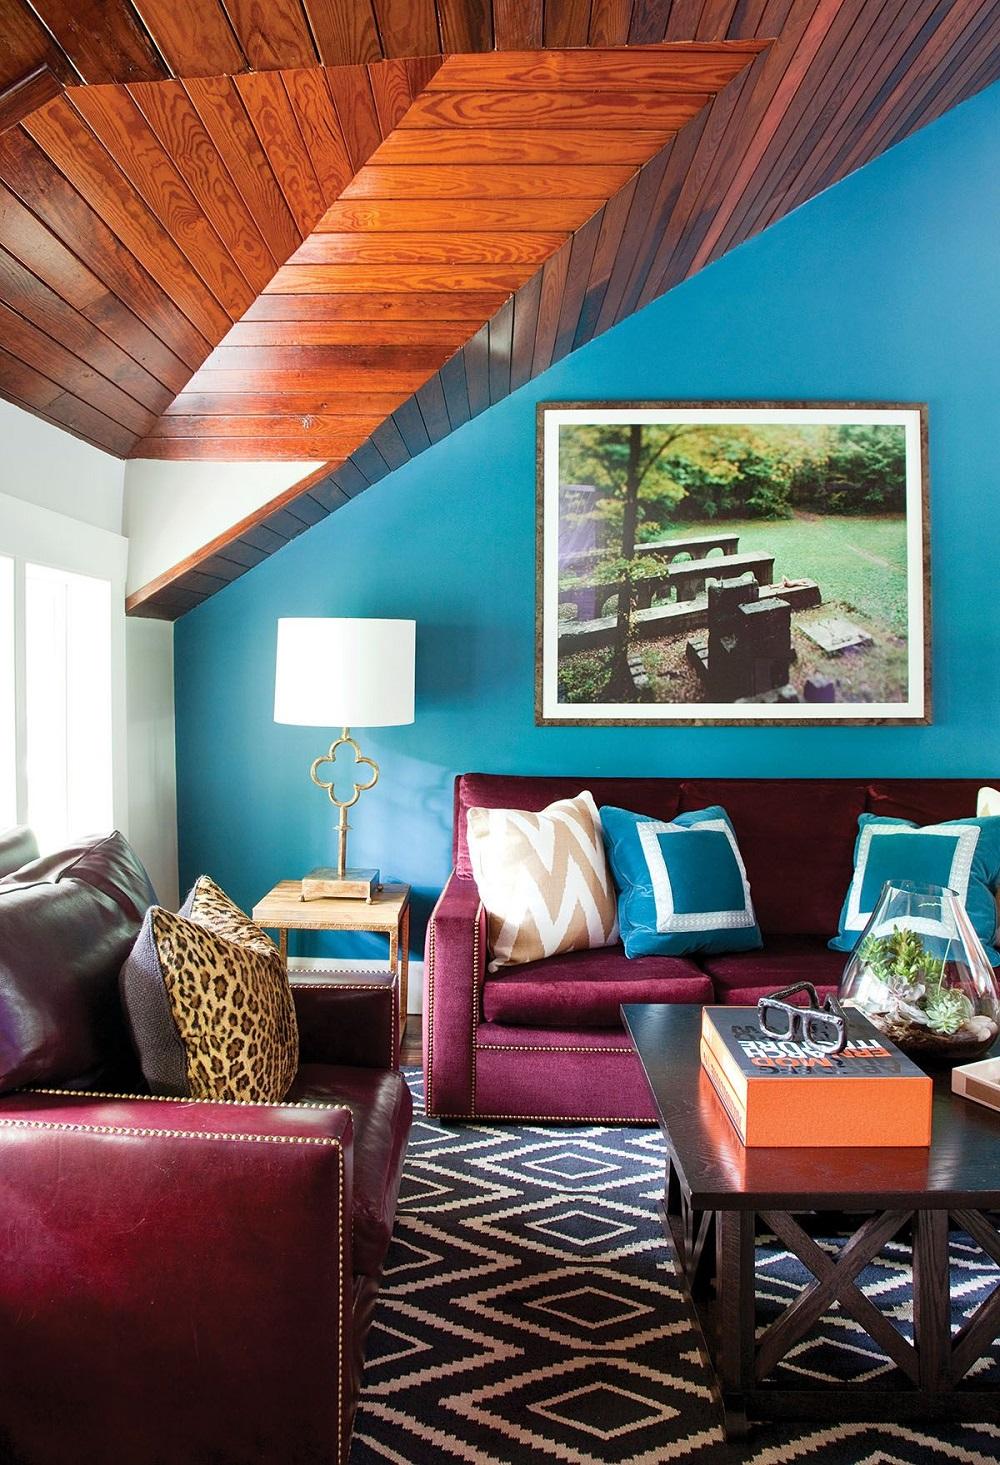 Ковровое покрытие достаточно нейтрально, чтобы прекрасно сочетаться с любыми стилями интерьера